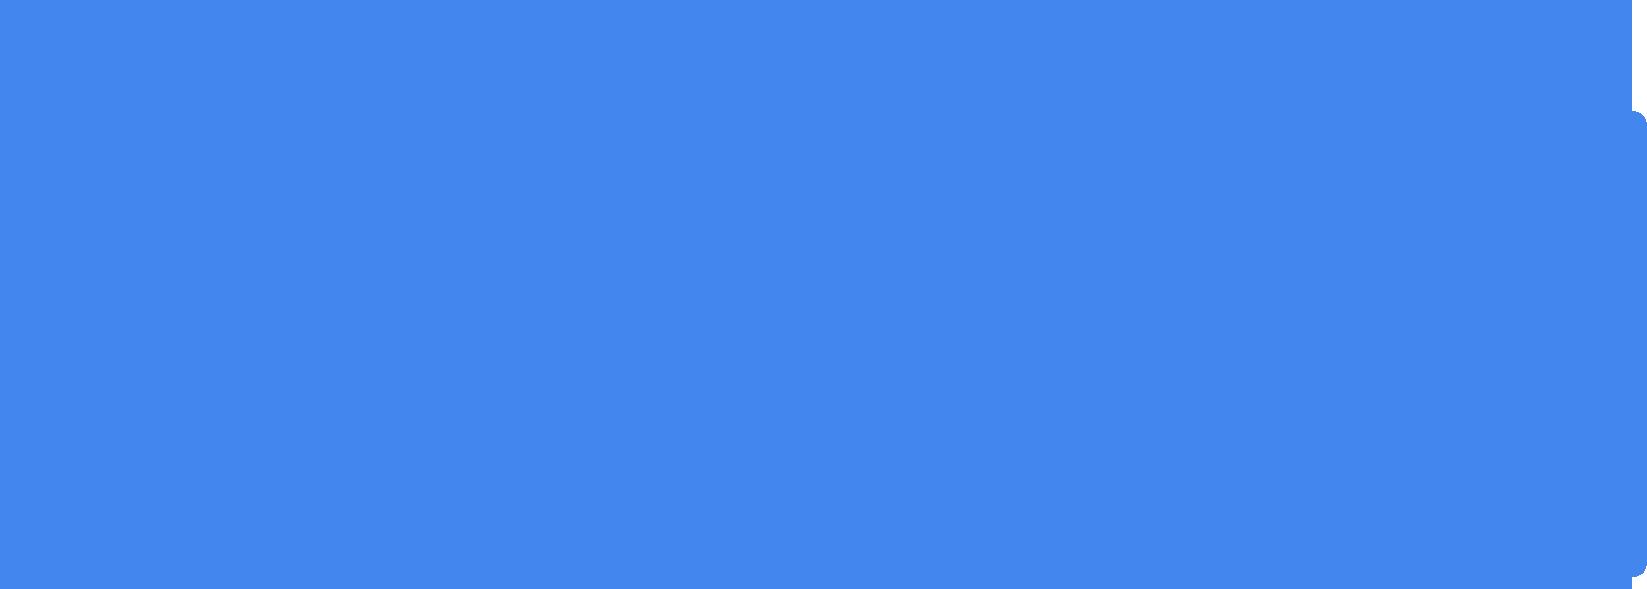 IZIBUY - Федеральная сеть по автоподбору